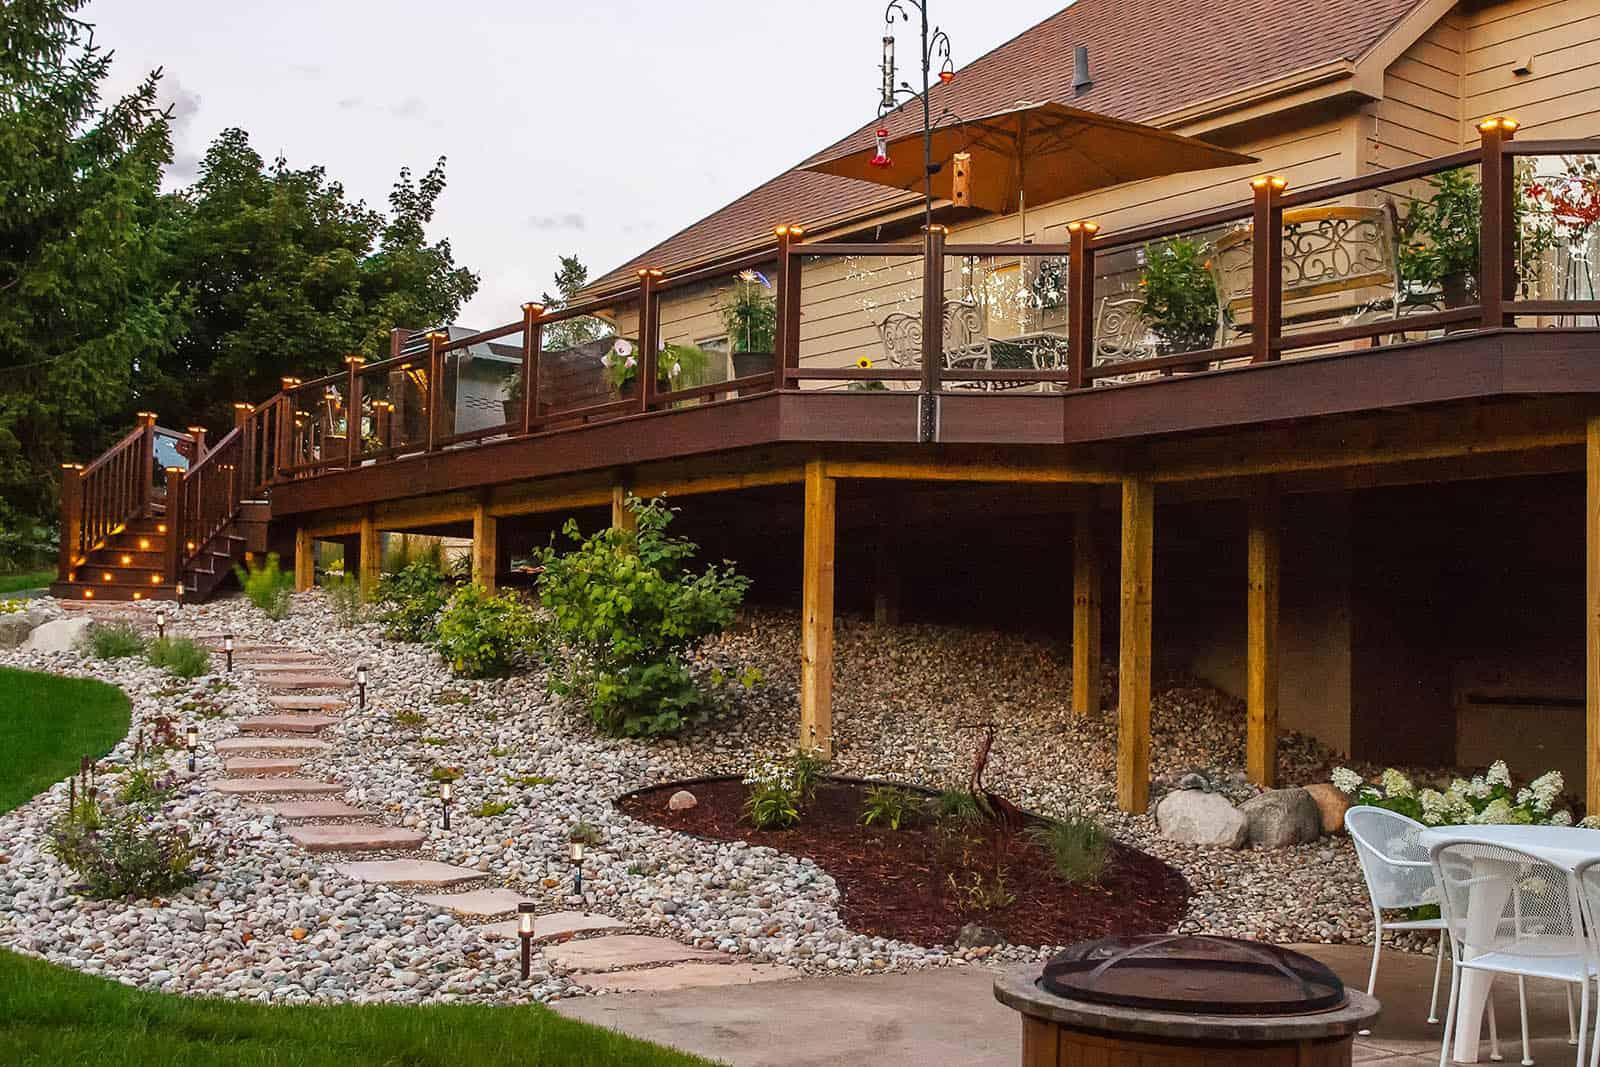 Lansing Deck Contractor, Decks and Outdoor Living, Custom Built Design & Remodeling, Custom Built Design & Remodeling